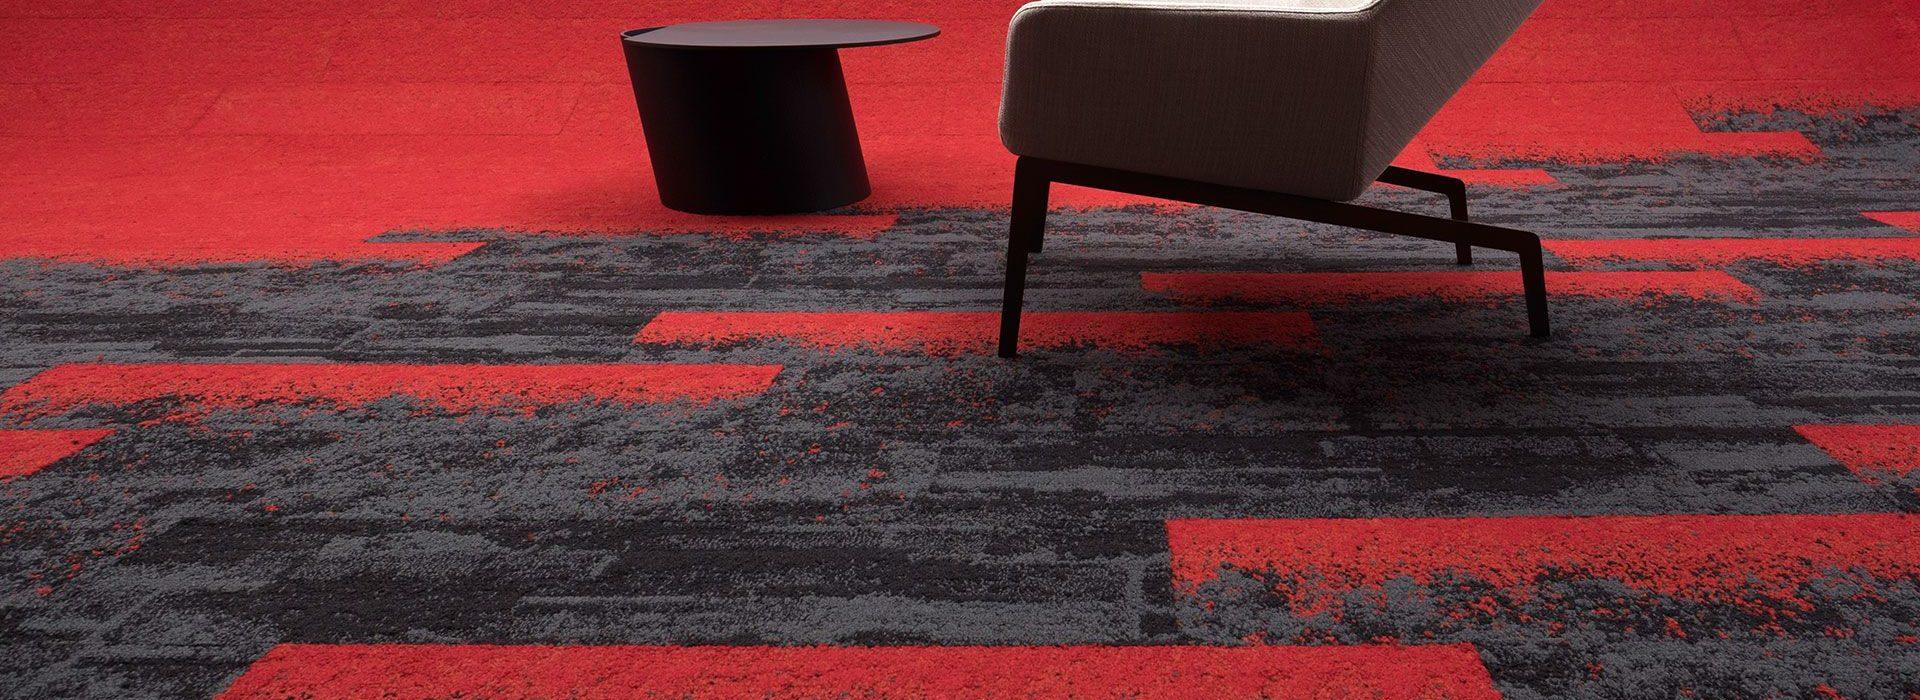 kırmızı ve siyah desenli karo ofis halısı